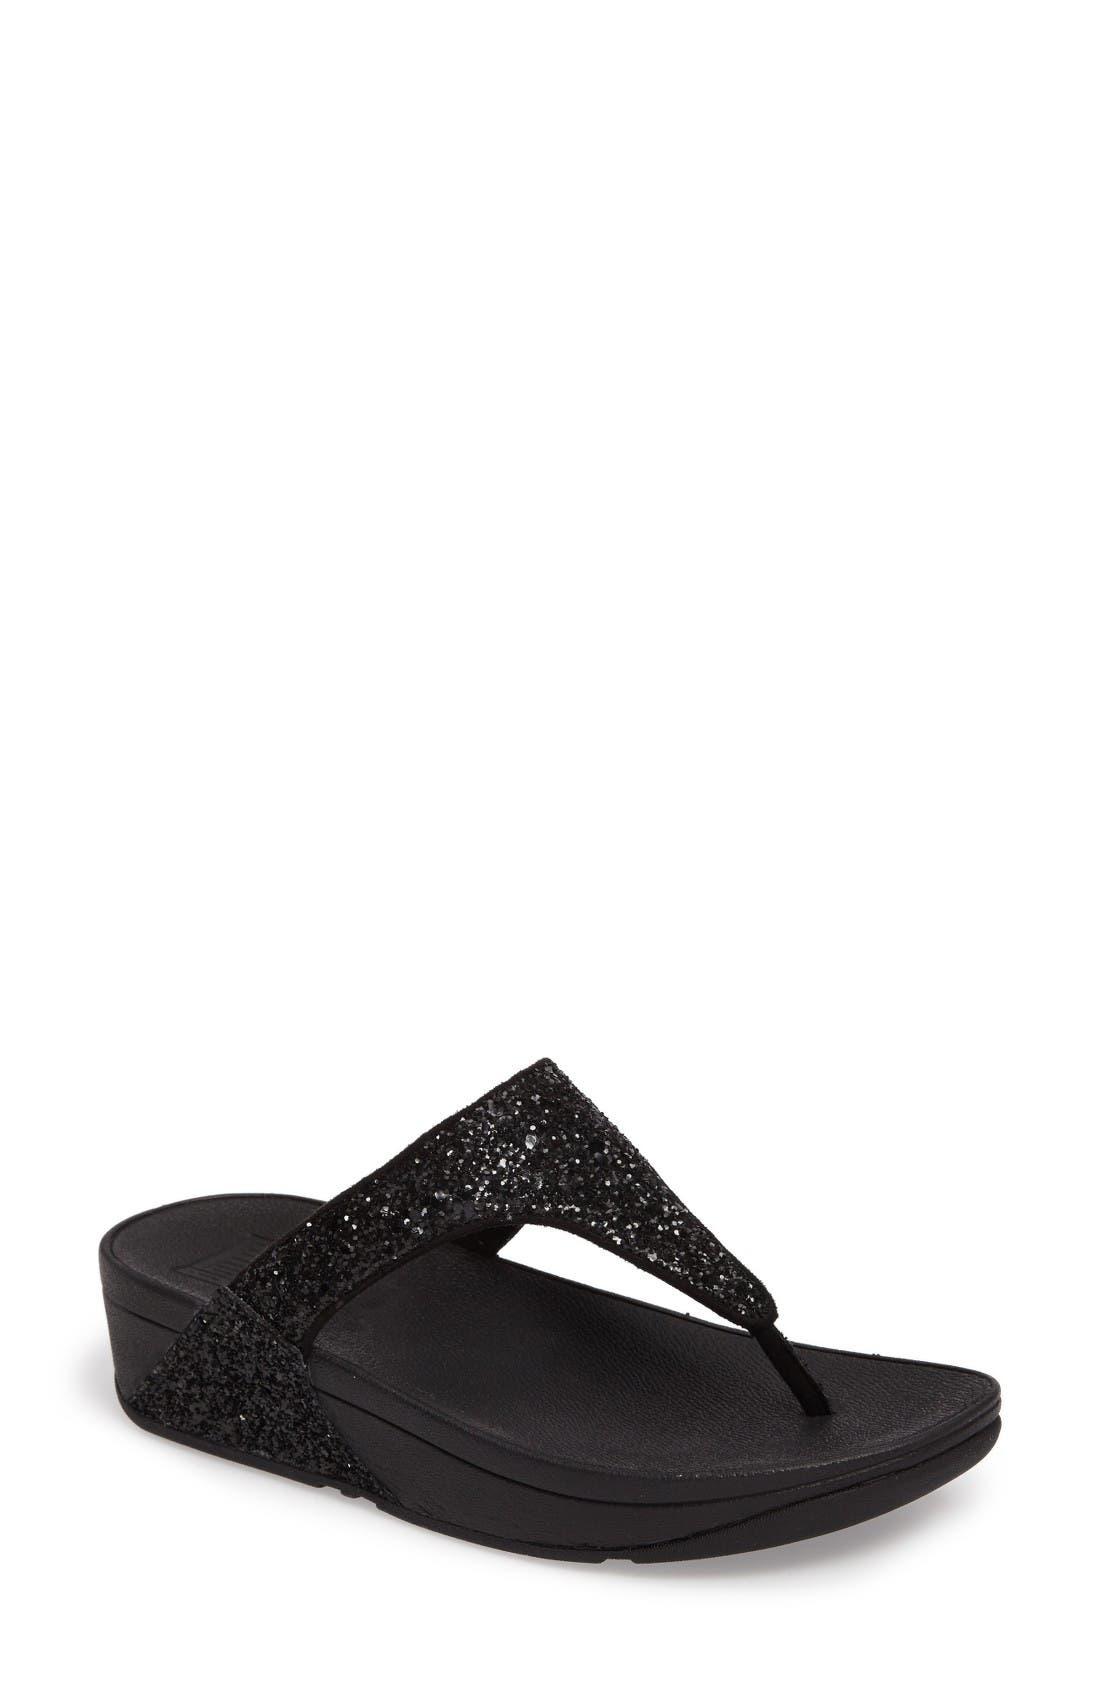 Main Image - FitFlop Glitterball™ Thong Sandal (Women)